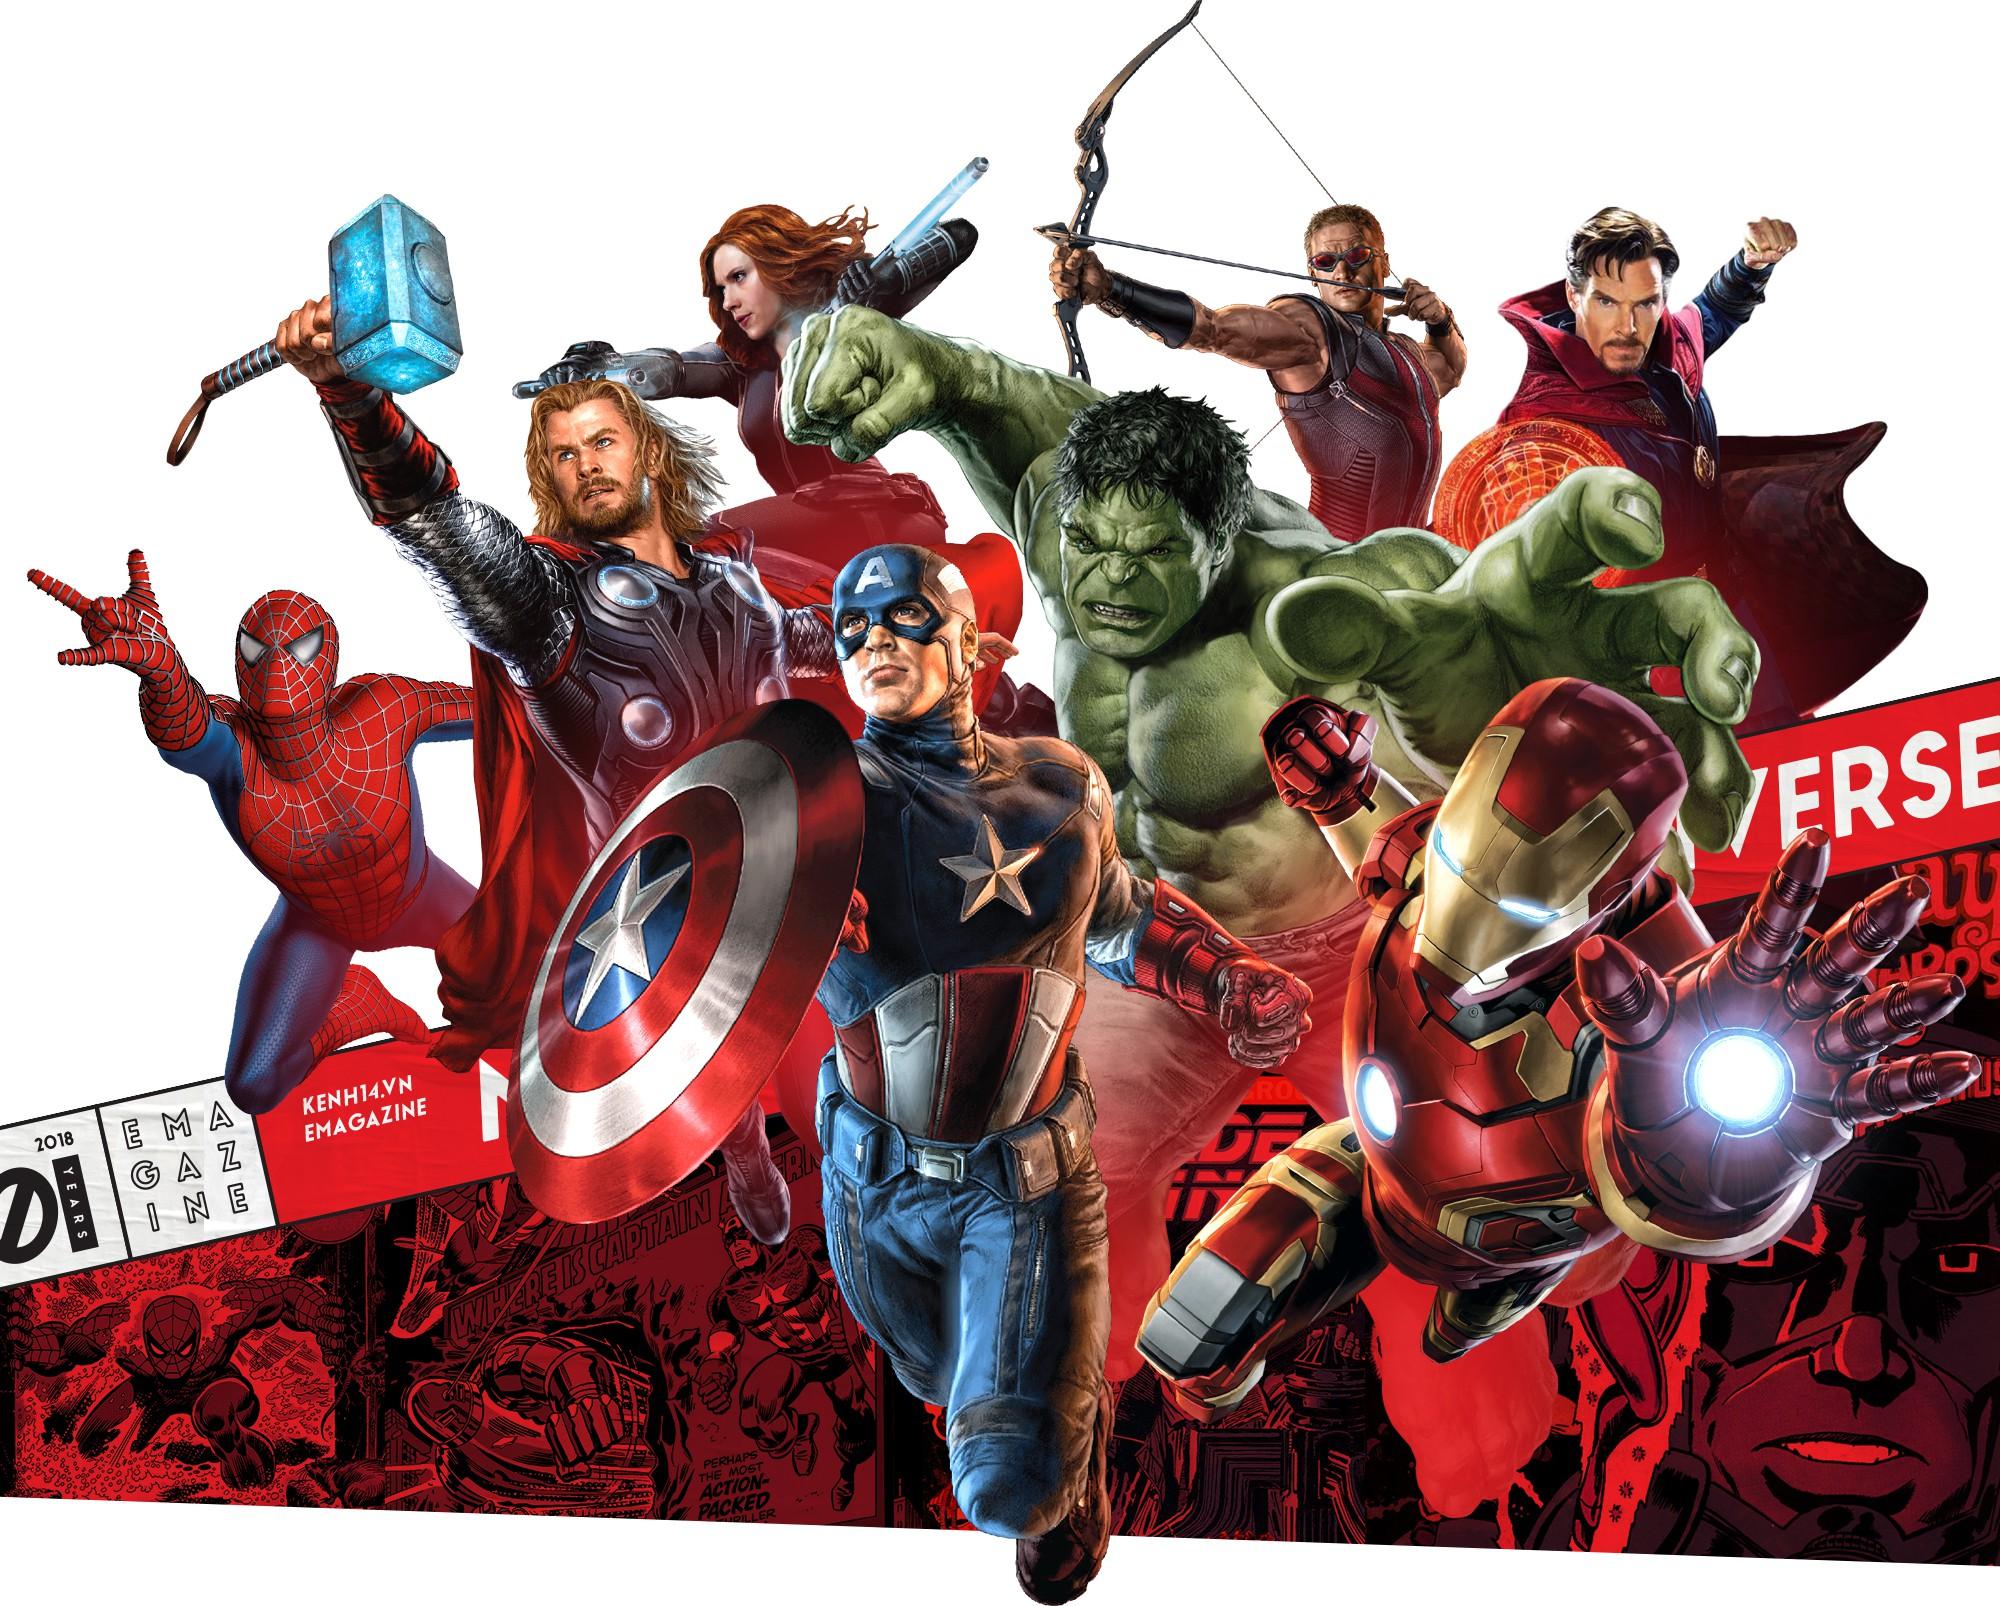 10 năm đi vào lịch sử làng điện ảnh của Marvel: Từ vực sâu phá sản cho đến người khổng lồ của đế chế phim siêu anh hùng - Ảnh 15.